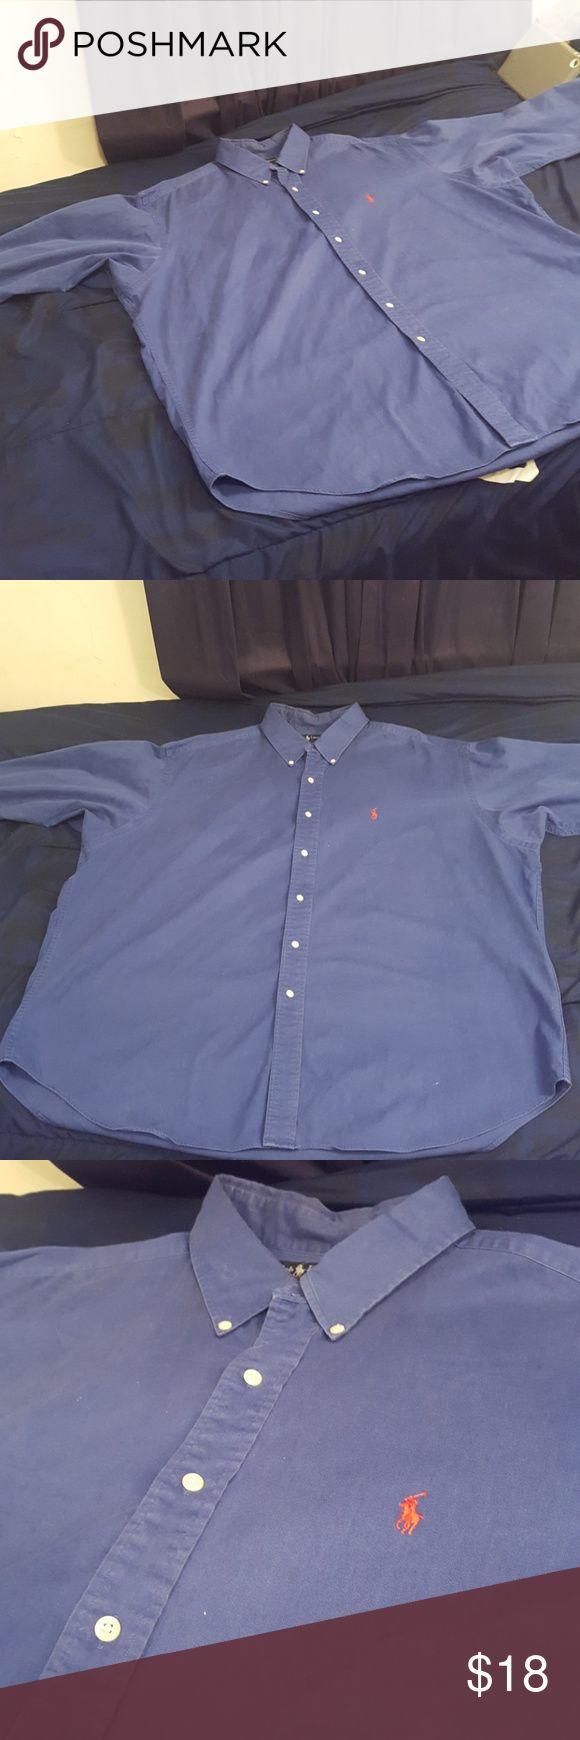 Ralph Lauren Button down shirt This is a nice navy blue button down polo dress shirt. Size XXl Ralph Lauren Shirts Dress Shirts